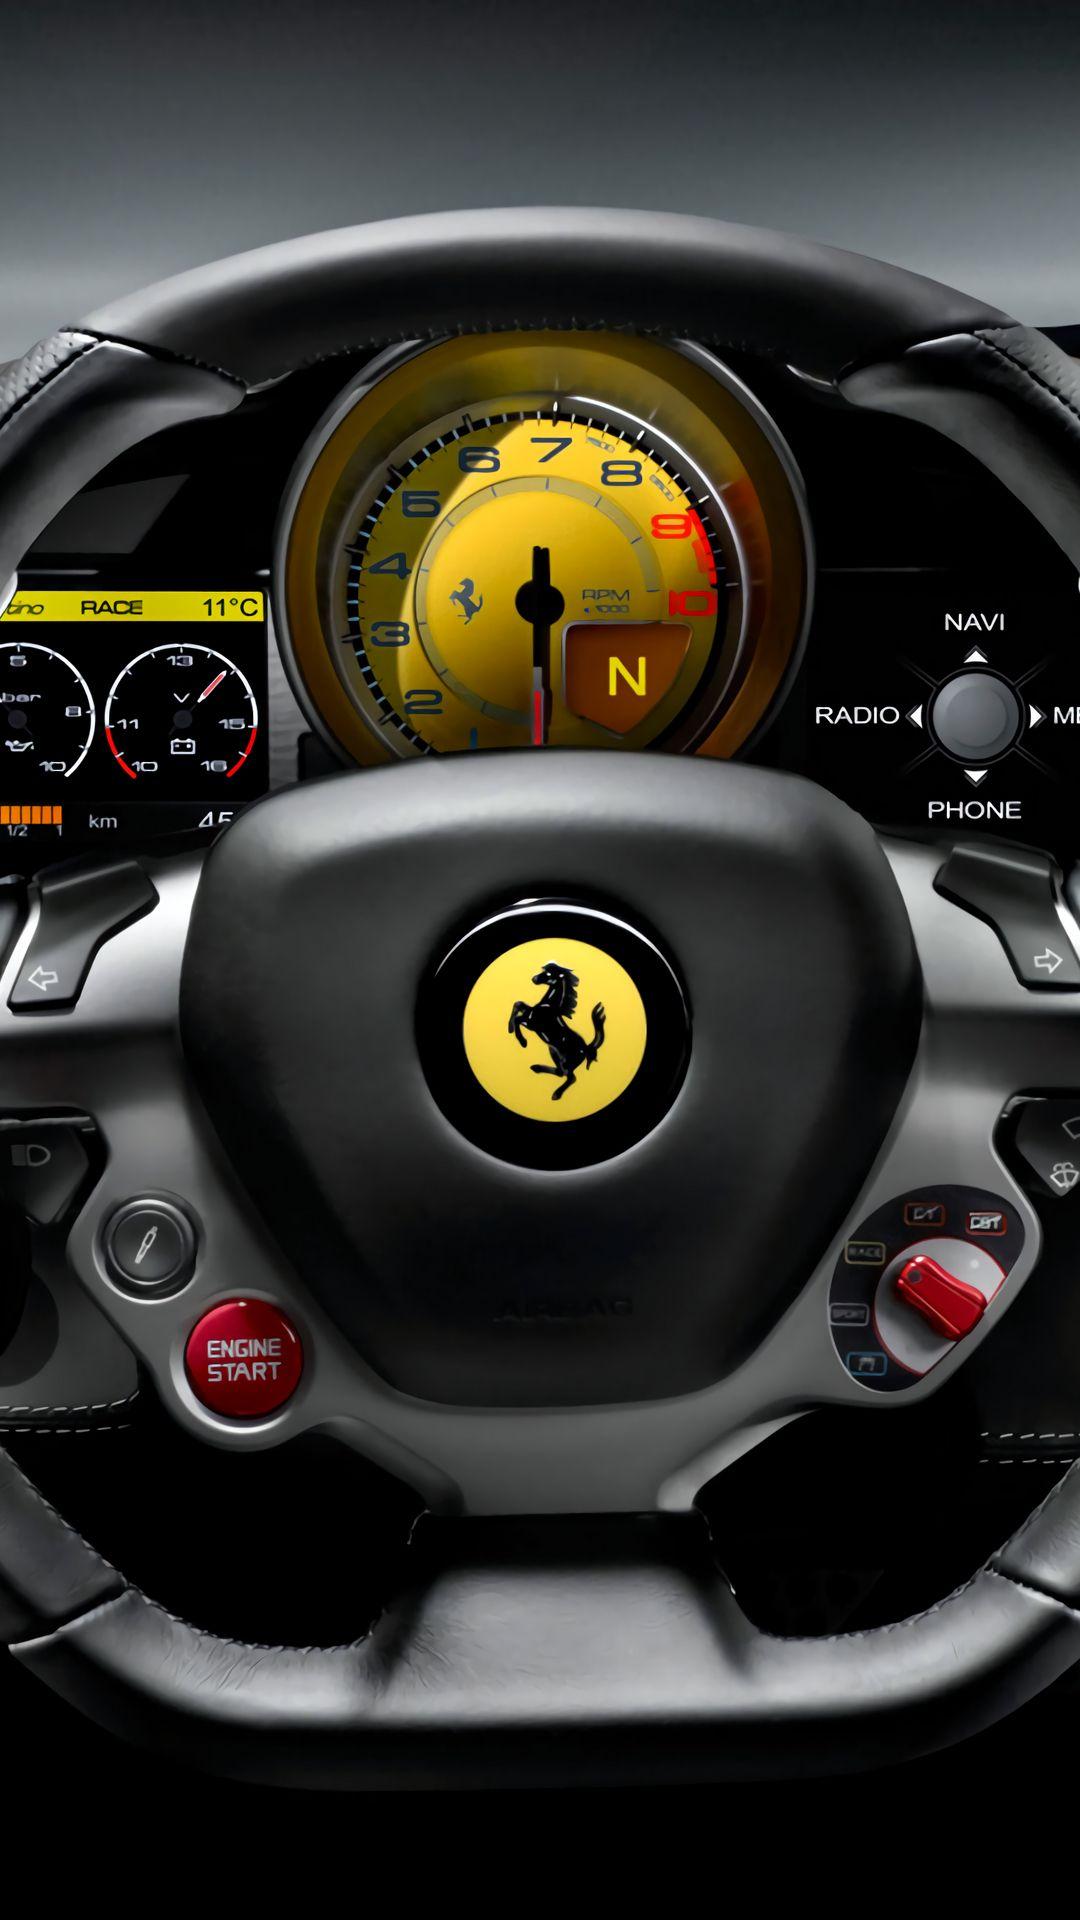 Ferrari Car Mobile Hd Wallpaper Super Cars Ferrari Car Logo Wallpaper Hd